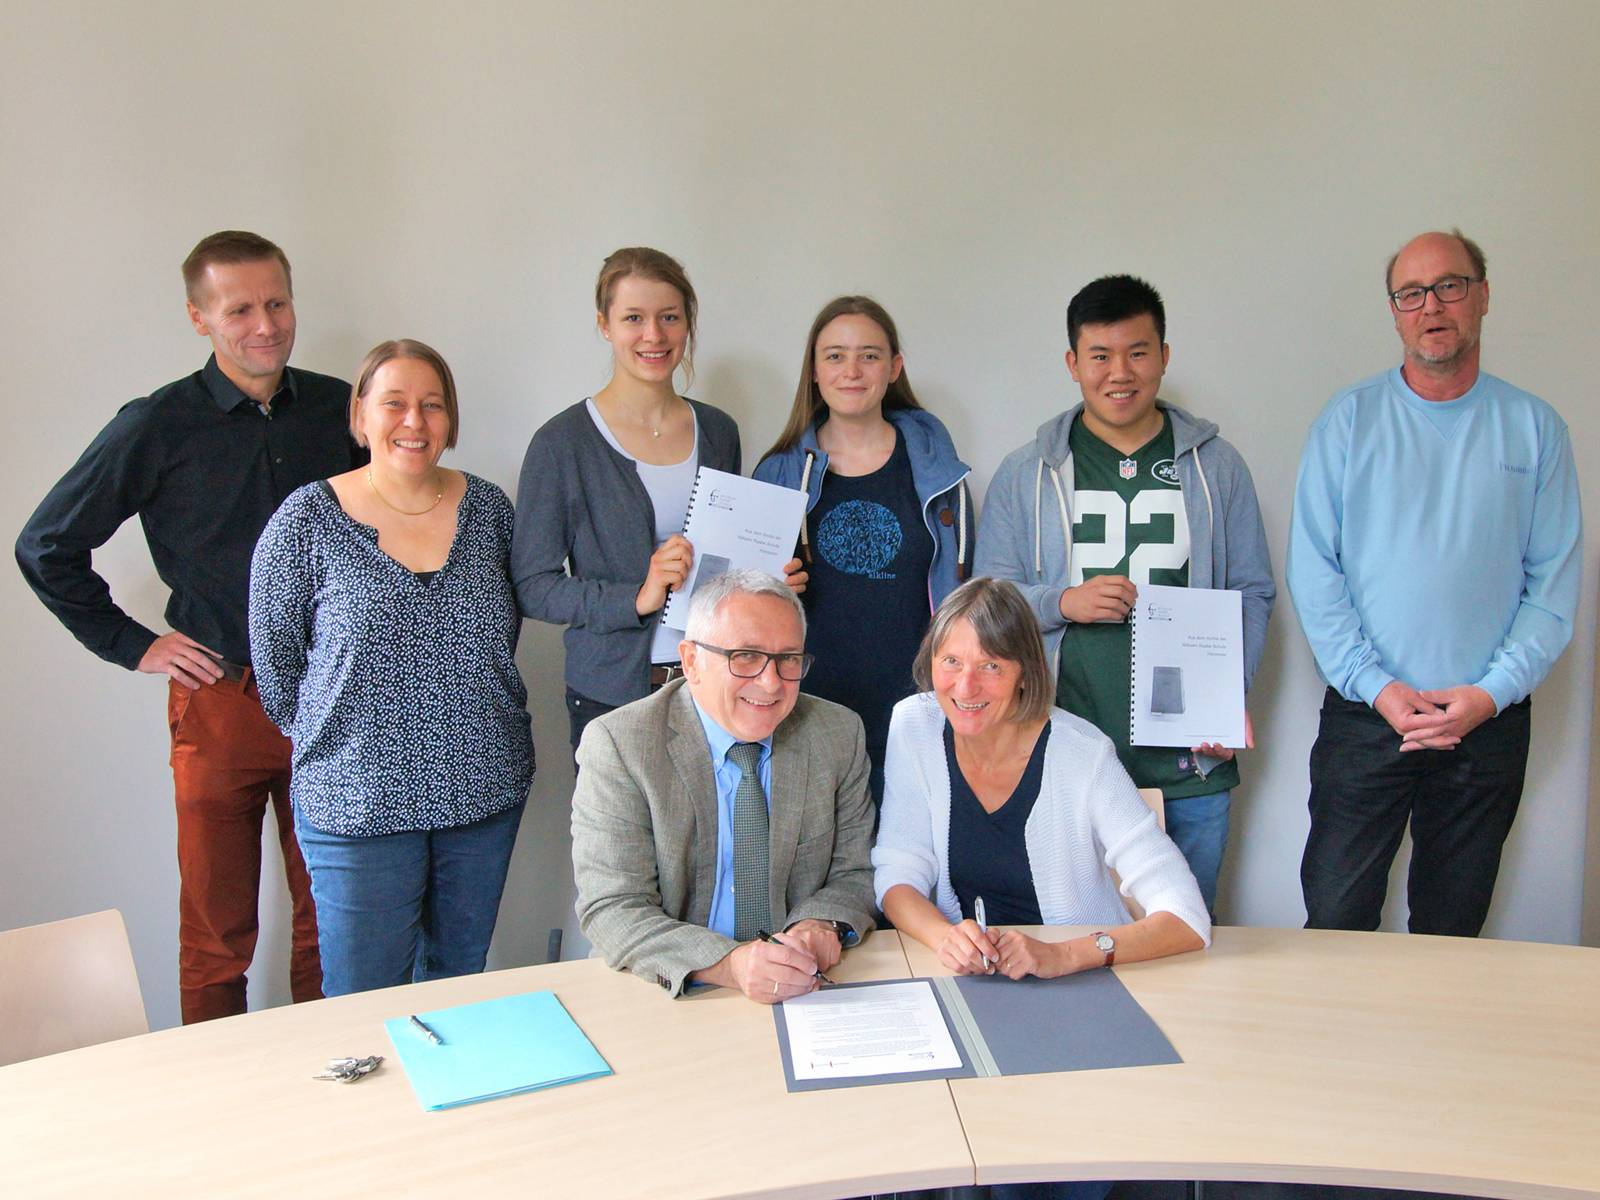 Zwei Personen sitzen an einem Tisch und unterzeichnen ein Dokument, dahinter stehen sechs weitere Personen